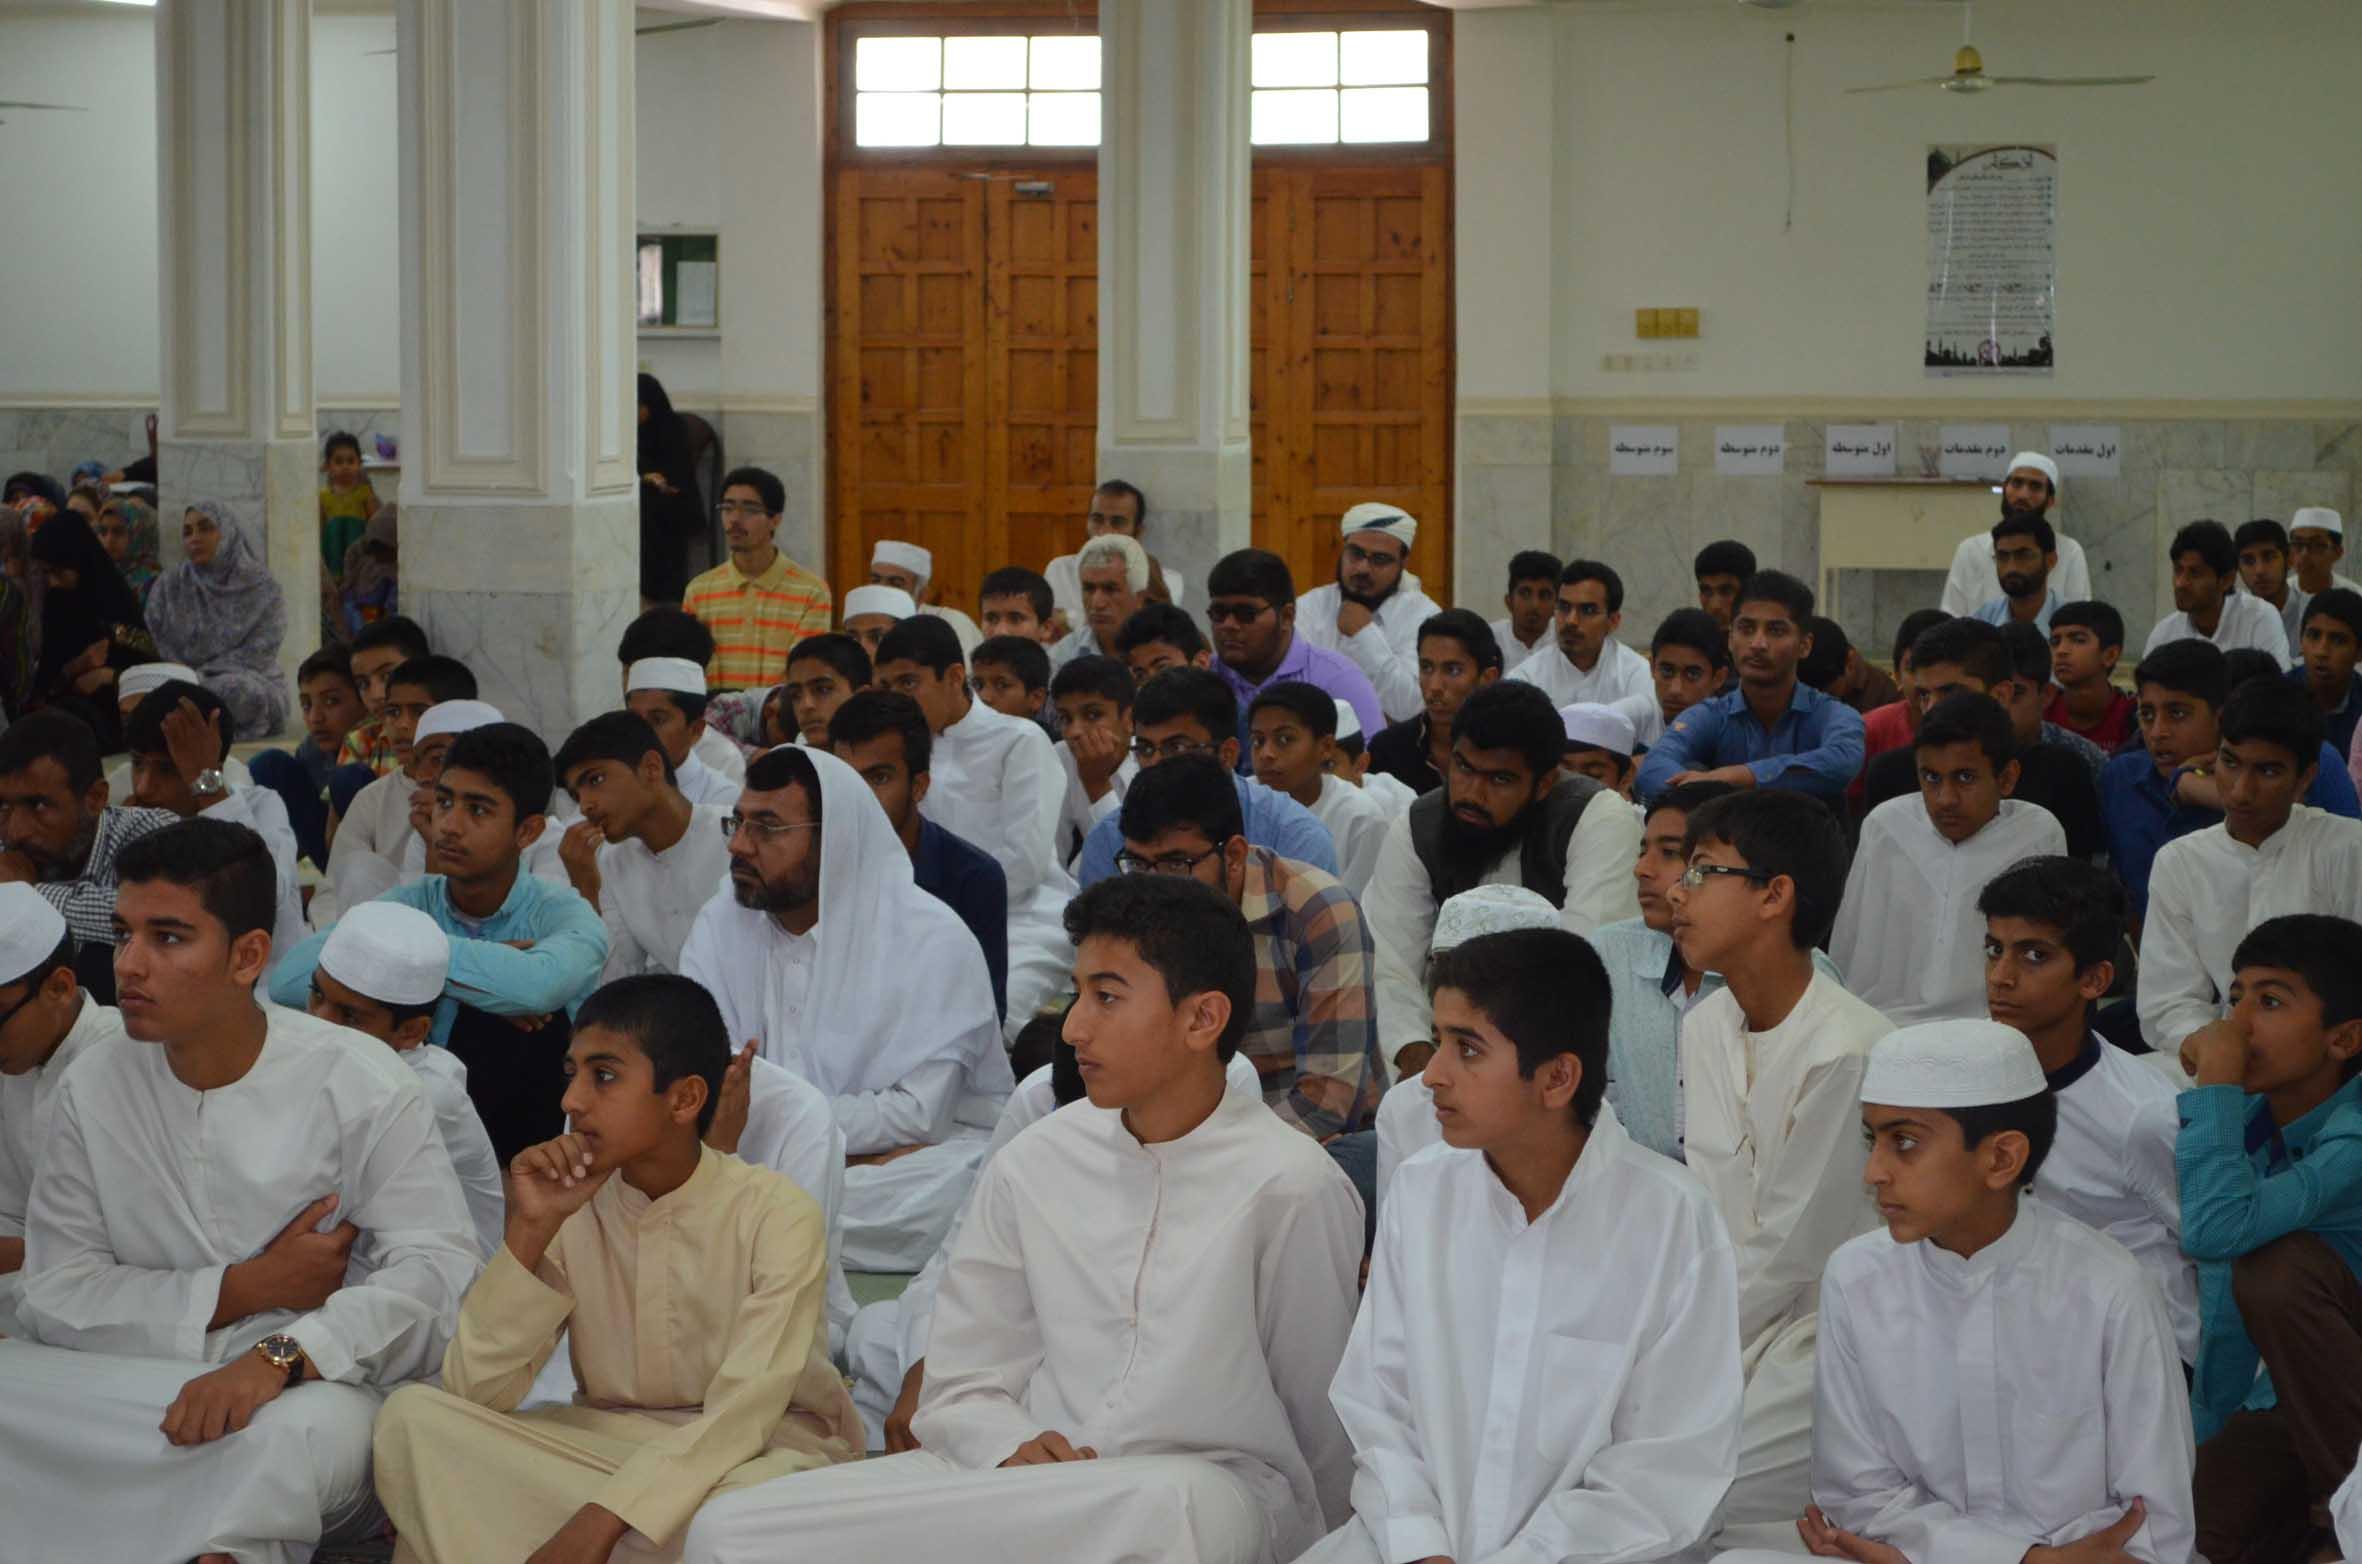 اولین همایش حافظان قرآن شهرستان بندرعباس